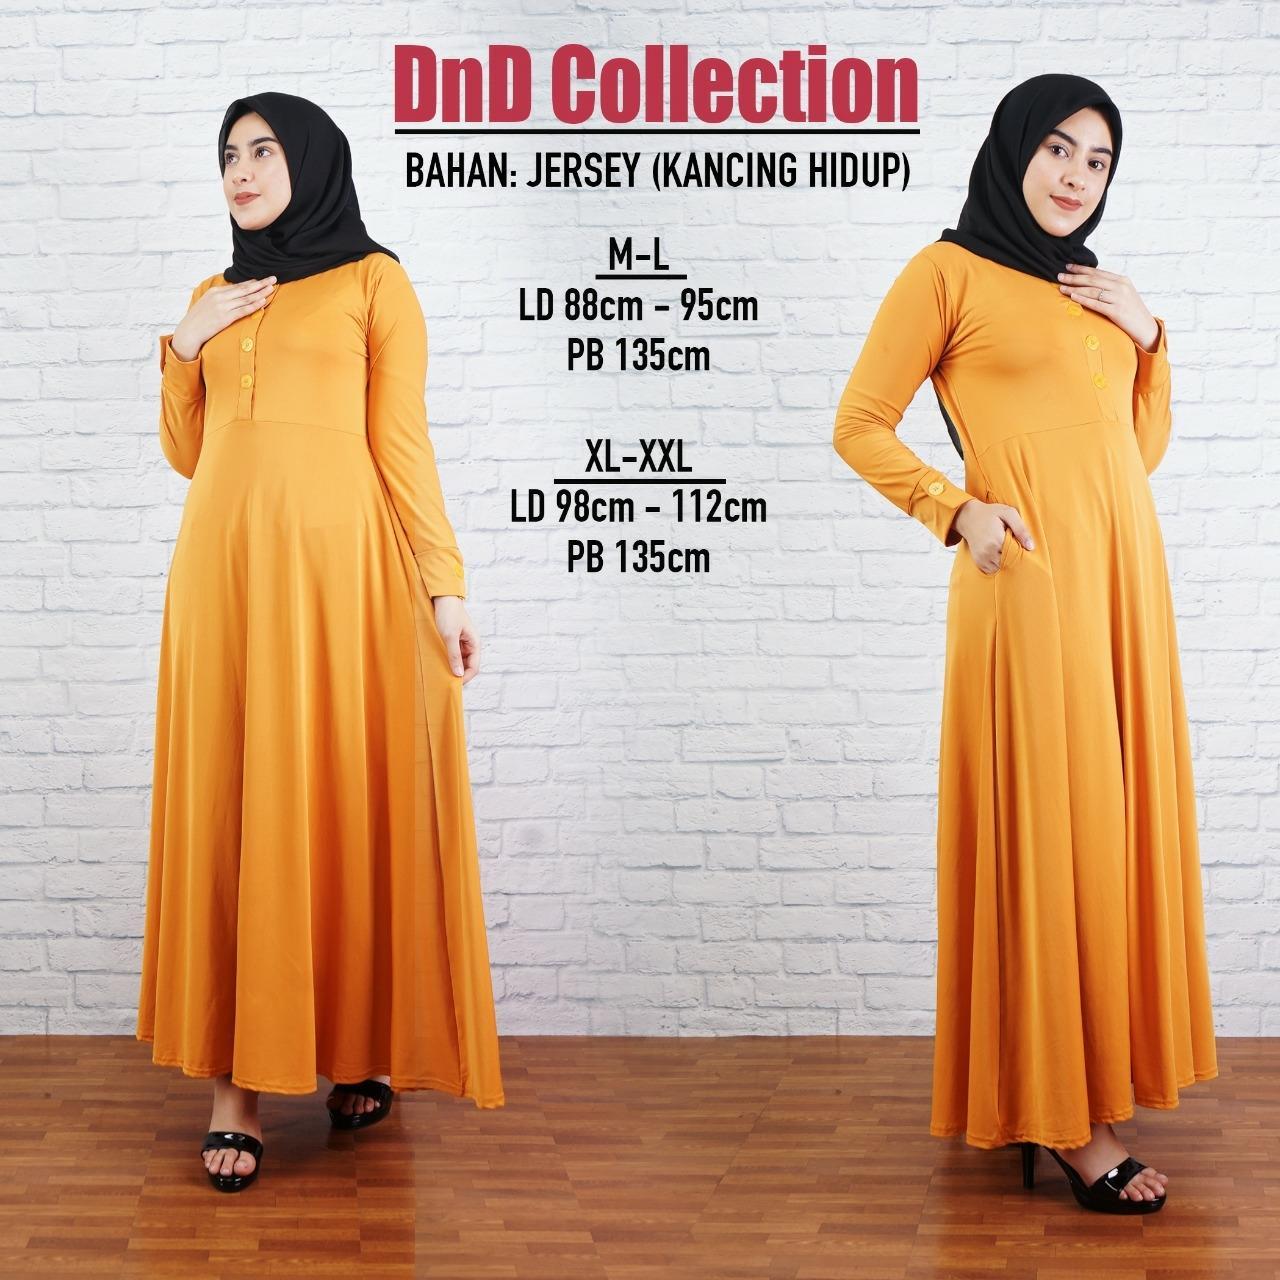 DnD - PROMO GAMIS KANCING MURAH Baju Gamis Gamis wanita Baju Muslimah Dress Muslimah Fashion Muslimah